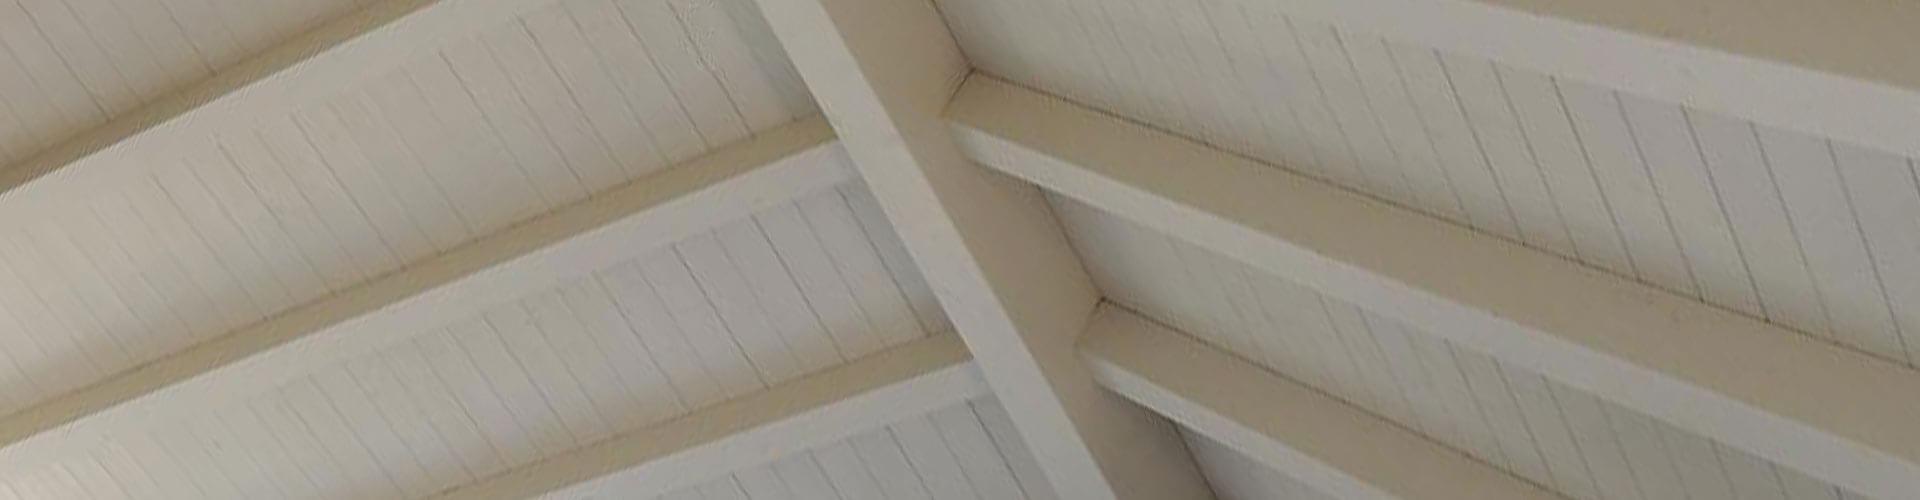 גג עץ תקרת עץ